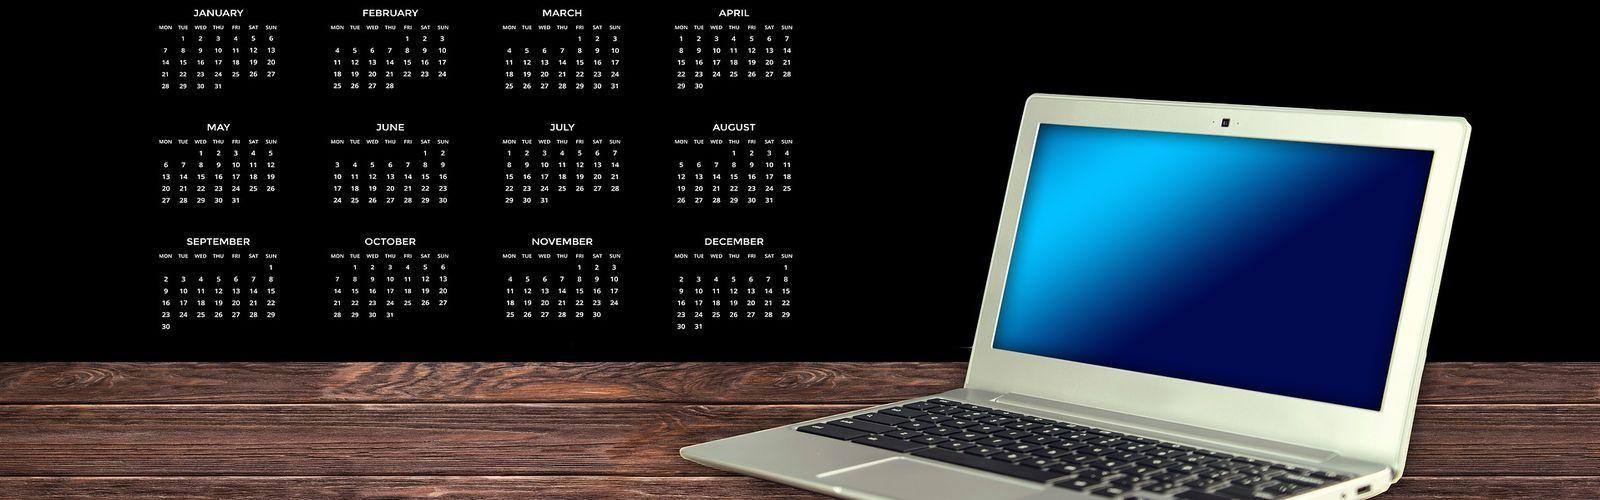 Grafika przedstawia kalendarz - biały na czarnym tle. Po prawej stronie znajduje się laptop oraz drewniana podłoga.